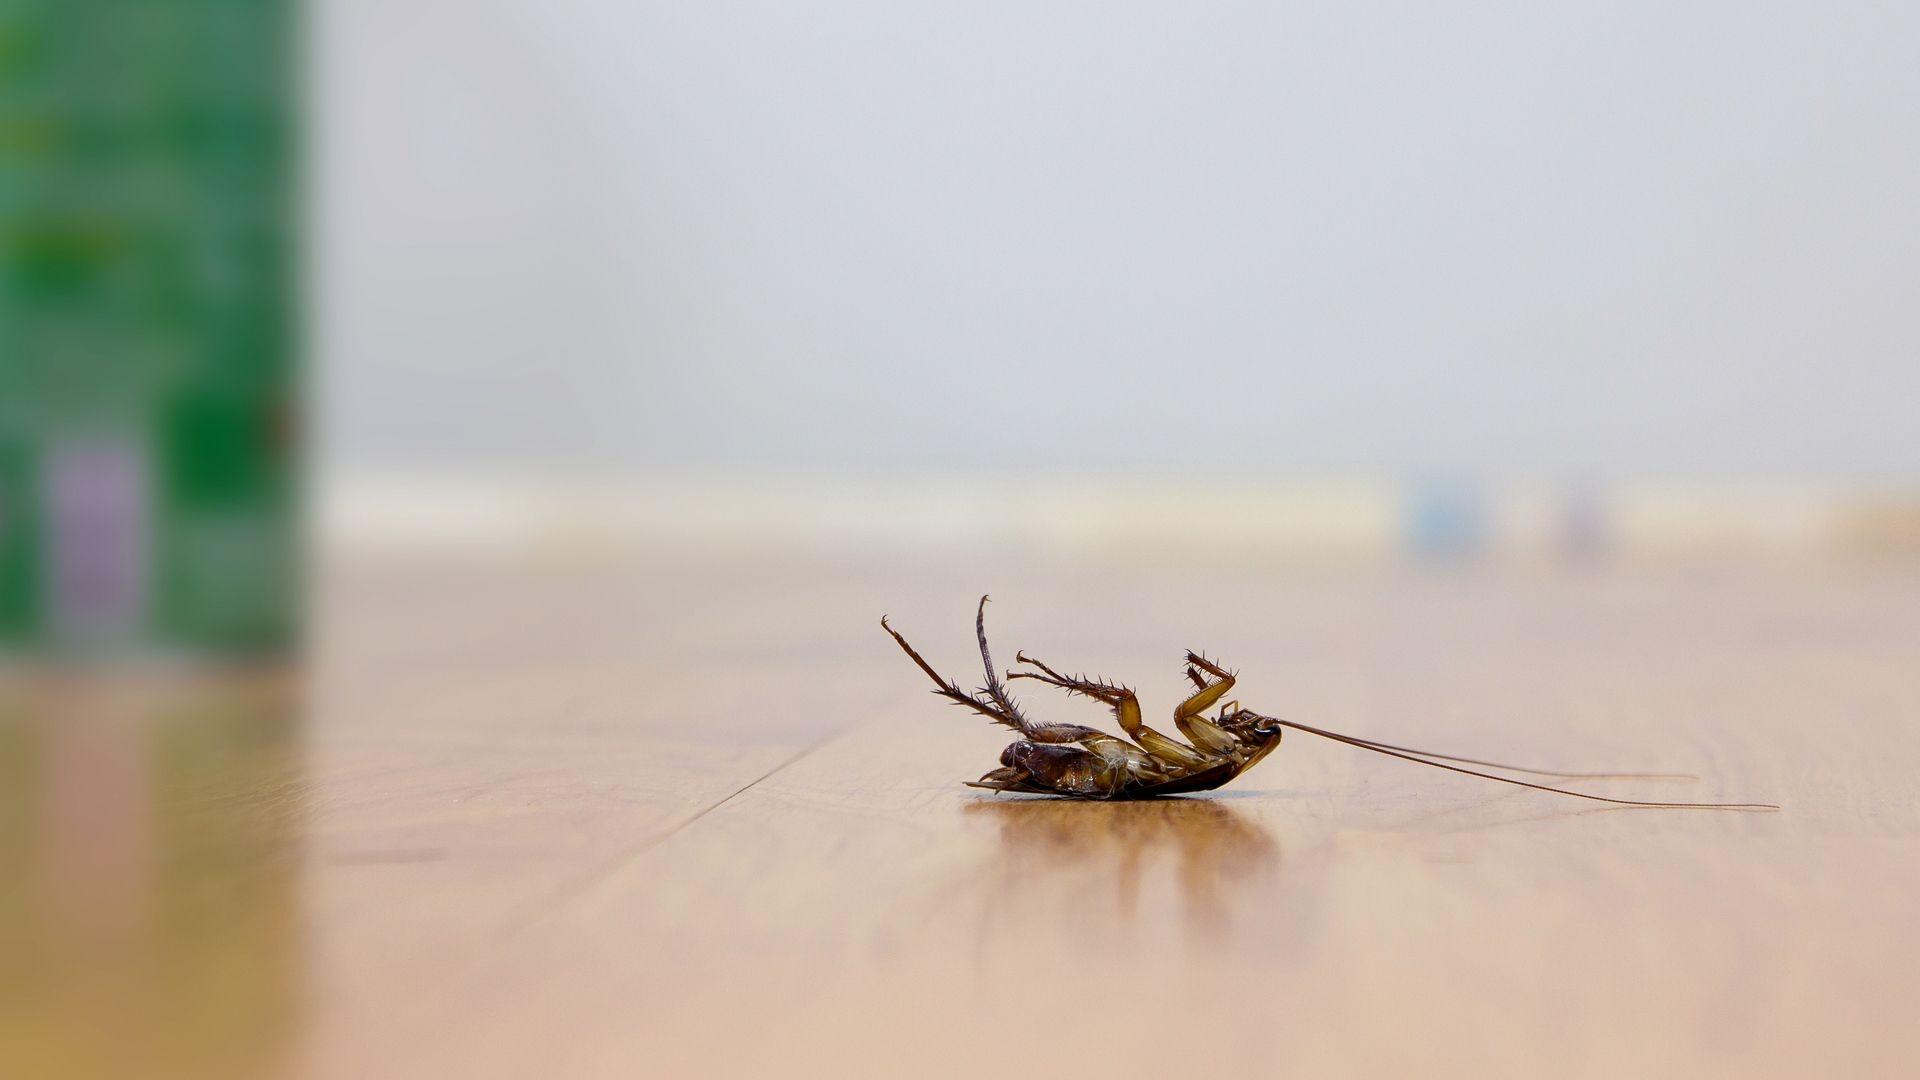 Eliminación de plagas de insectos en Zaragoza